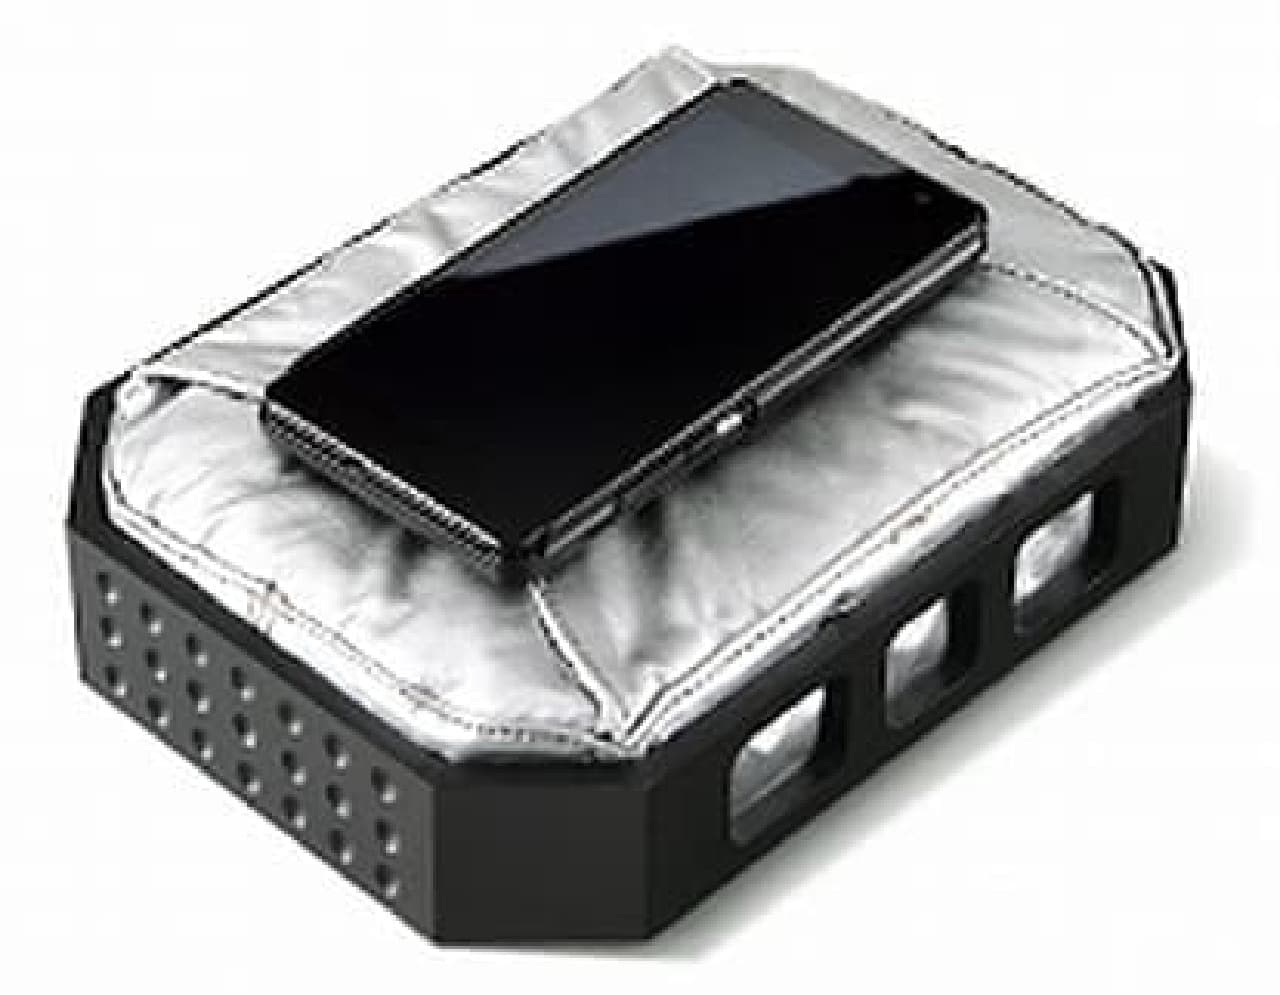 ホンダによるエアバッグ付きスマートフォンケース「Smartphone Case N」(ジョーク)